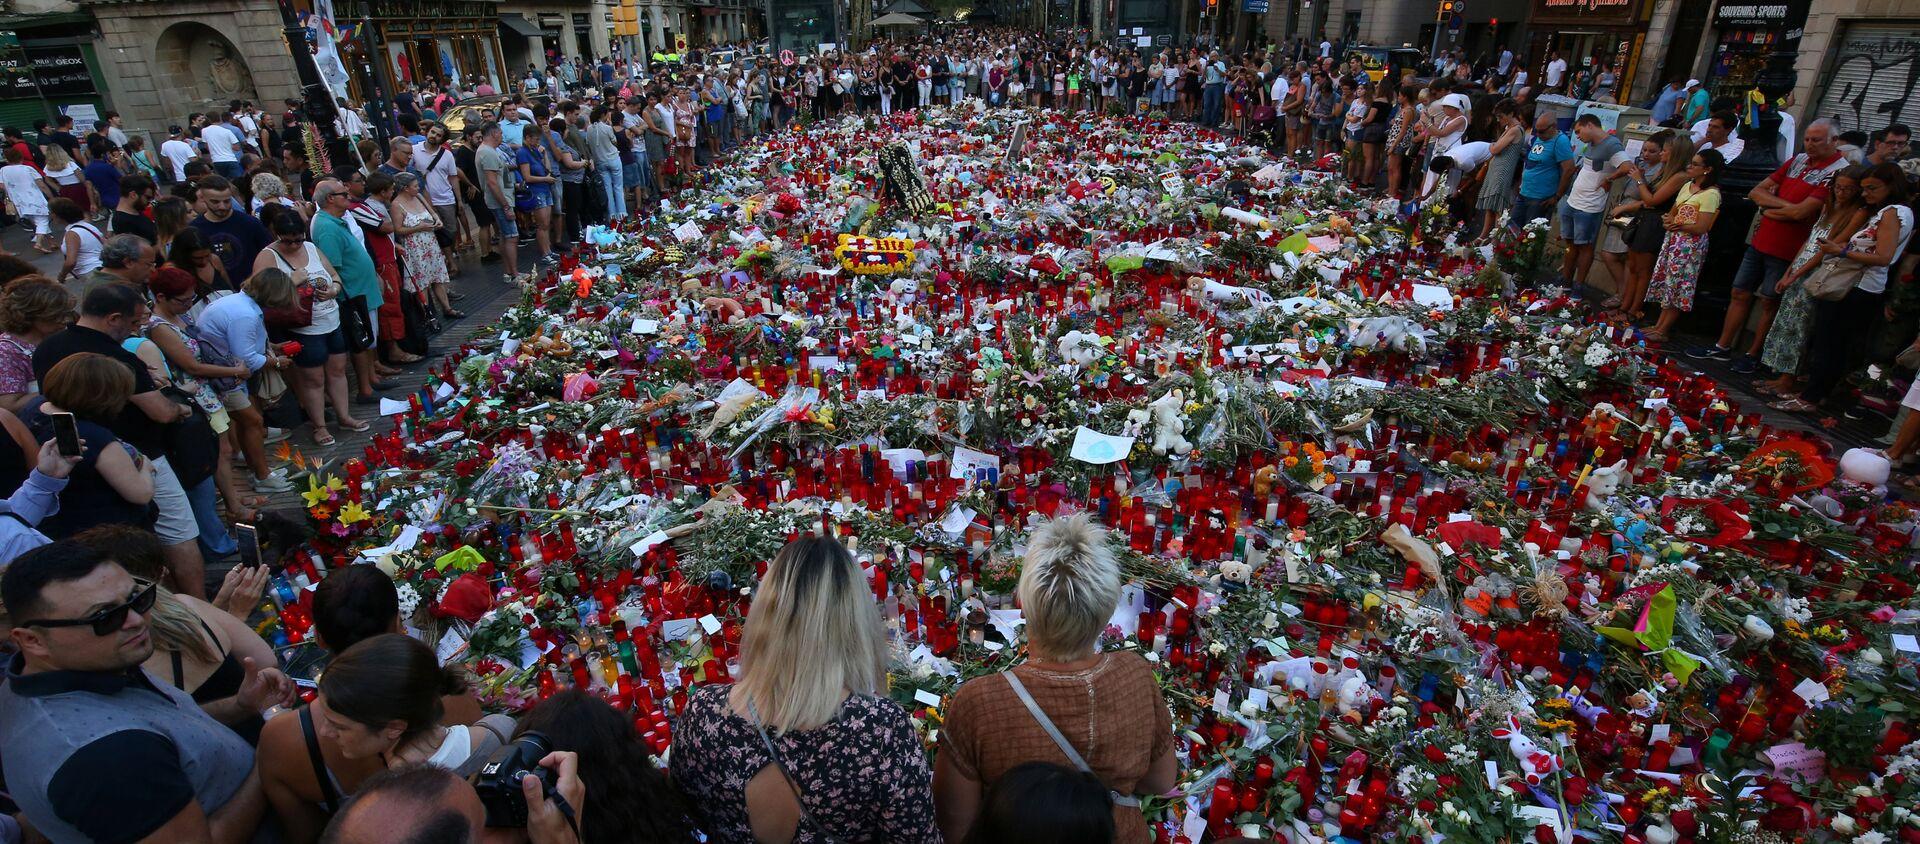 La gente rinde homenaje a las víctimas del atentado en La Rambla, Barcelona - Sputnik Mundo, 1920, 14.08.2020